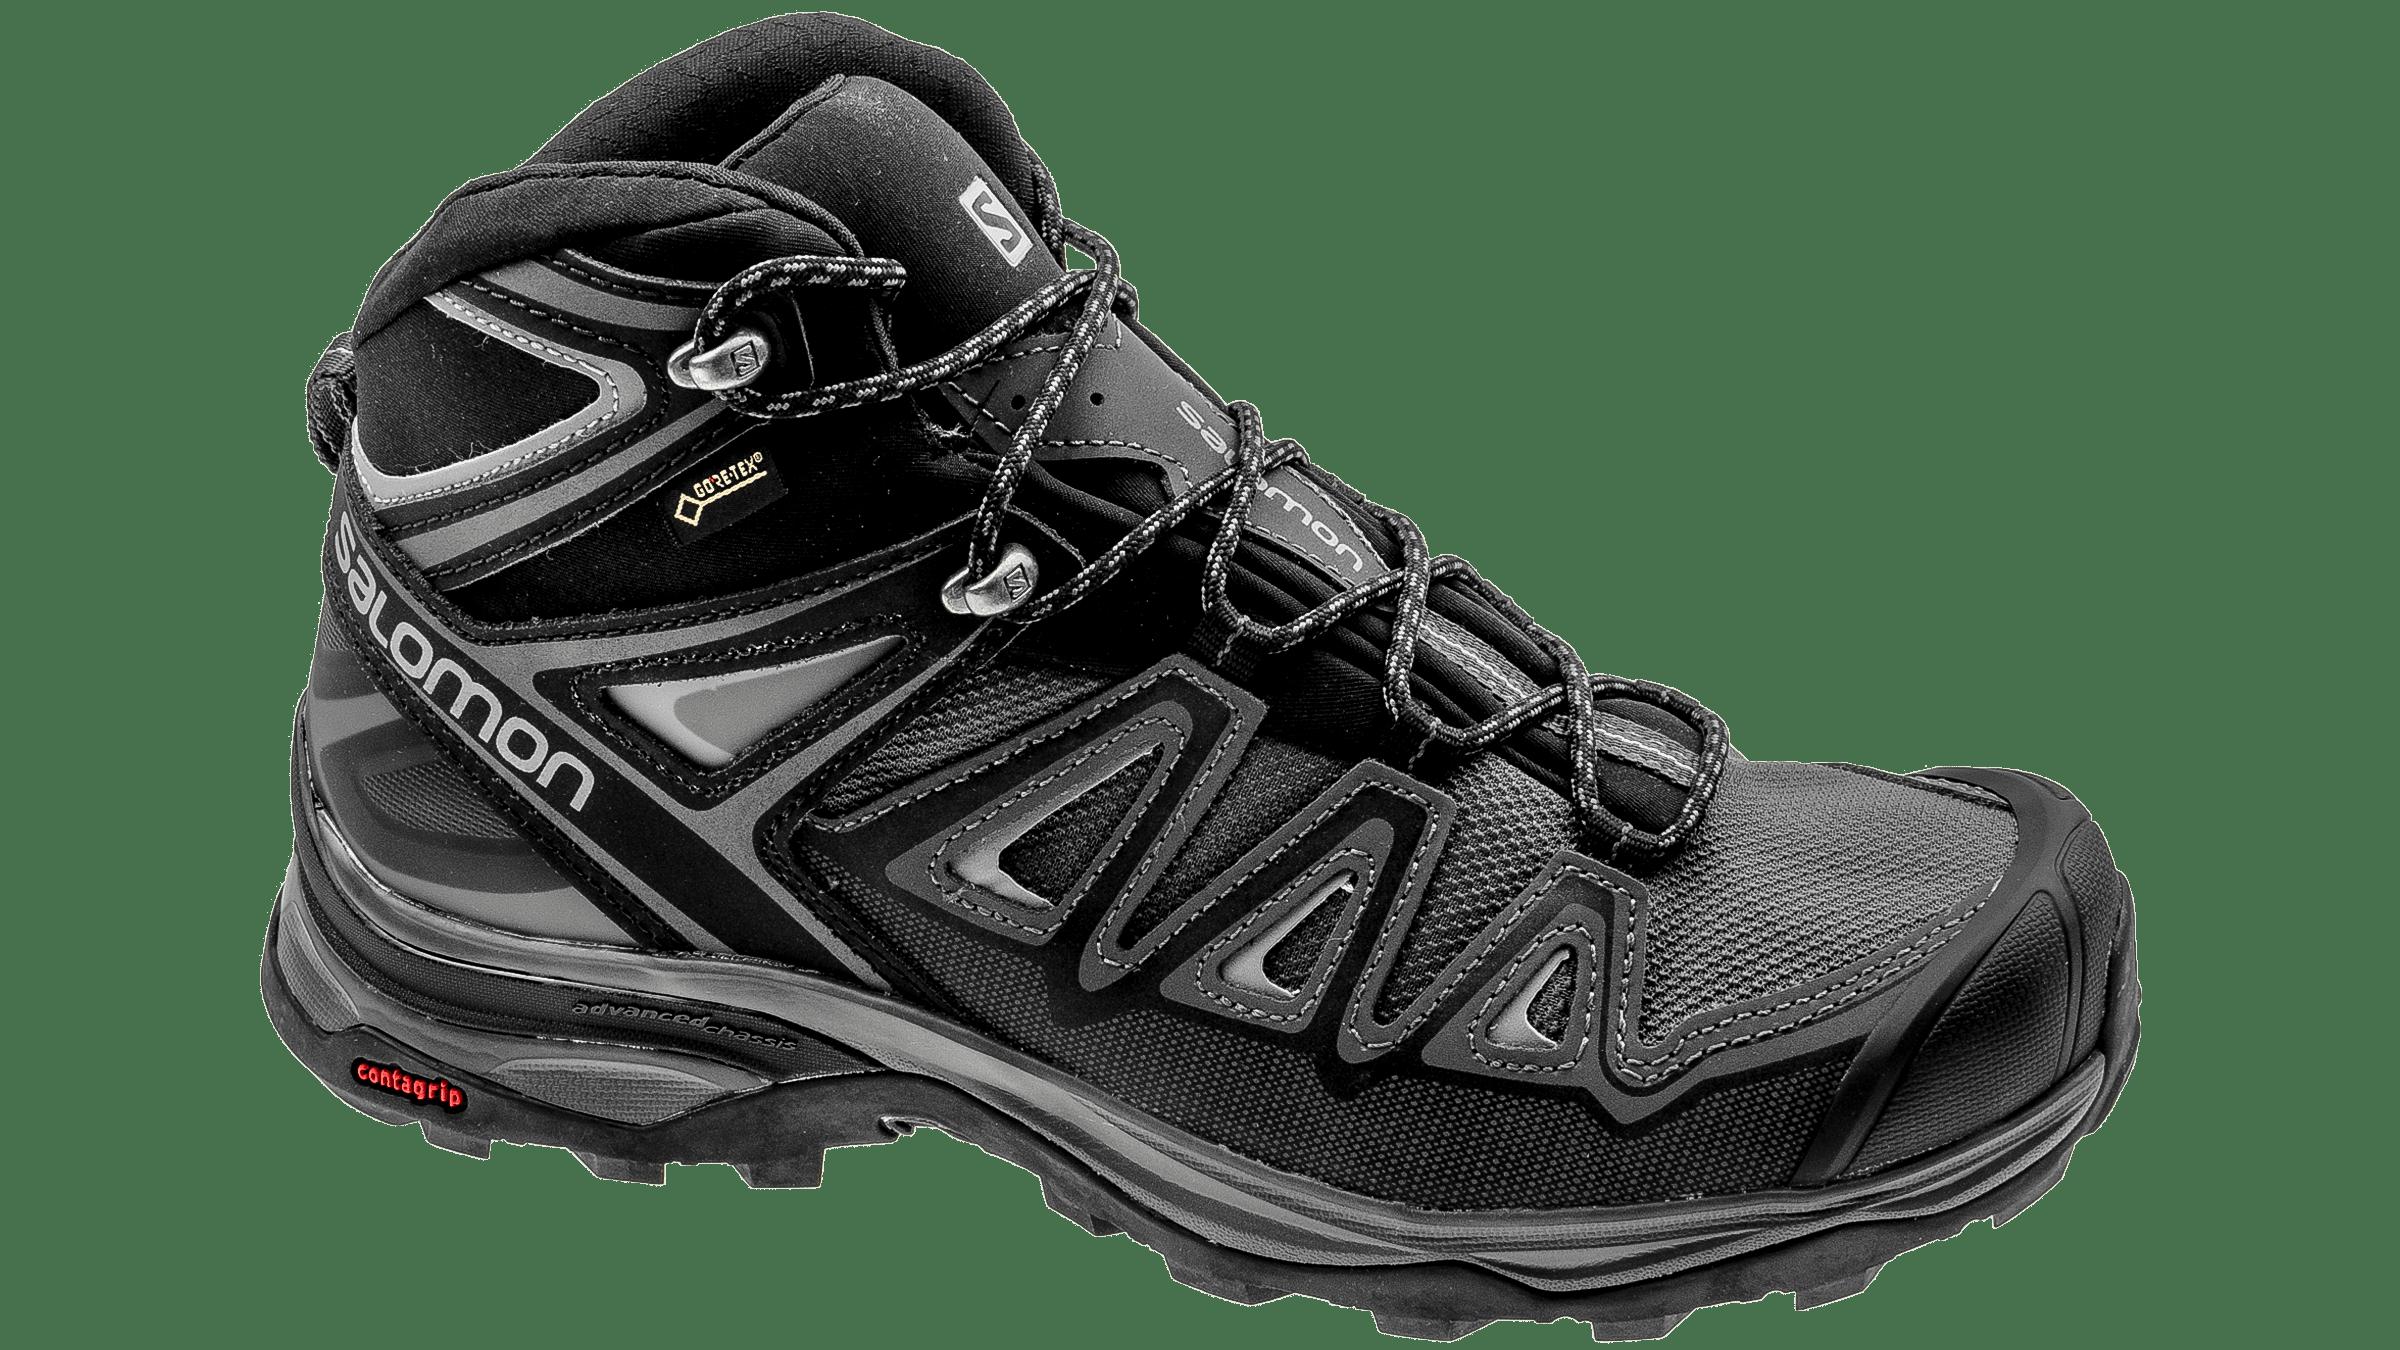 Sports Shoes Hiking Boot Cycling Shoe Walking, PNG